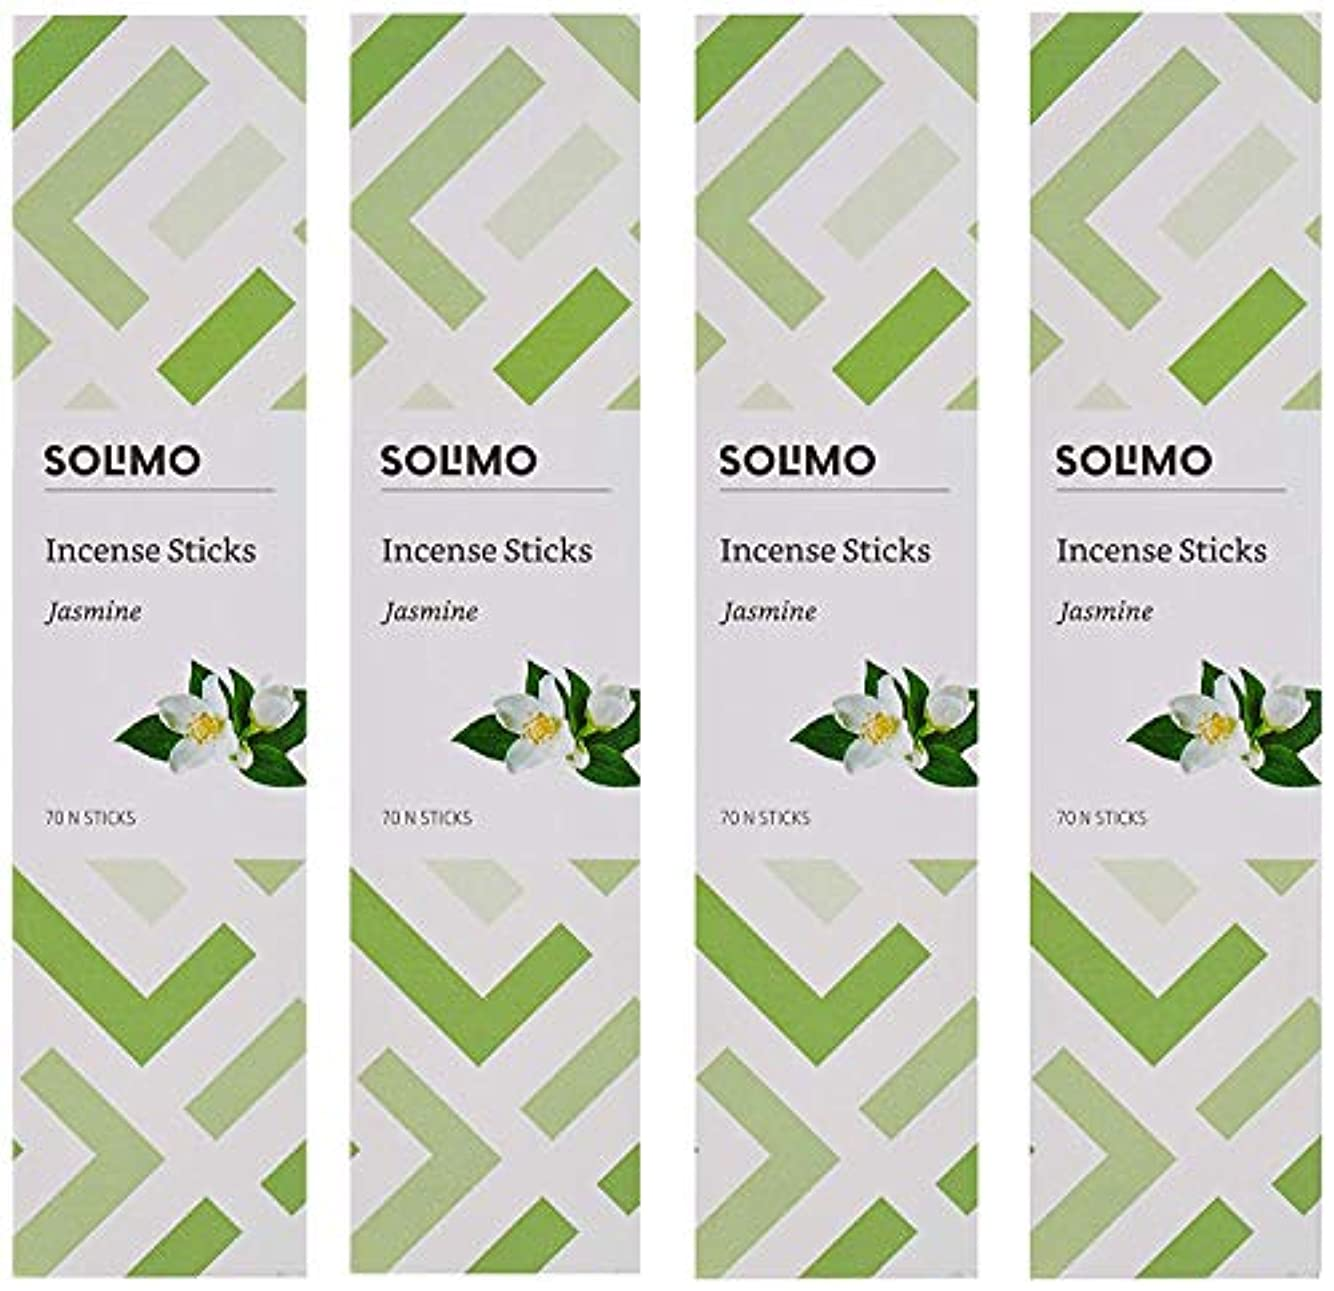 法王お香脆いAmazon Brand - Solimo Incense Sticks, Jasmine - 70 sticks/pack (Pack of 4)